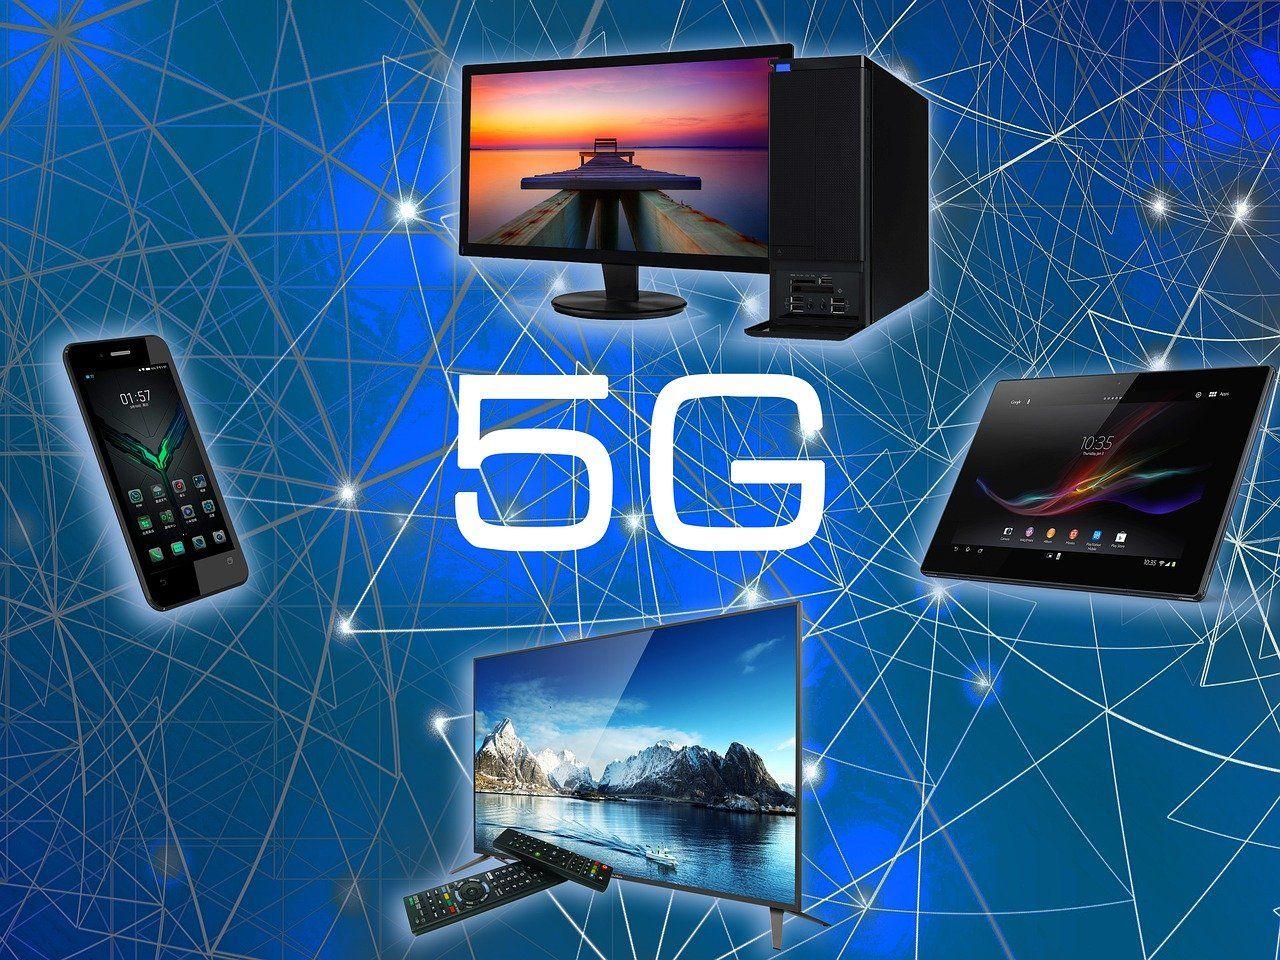 Užrašas 5 G su televizoriaus, kompiuterio, telefono vaizdu